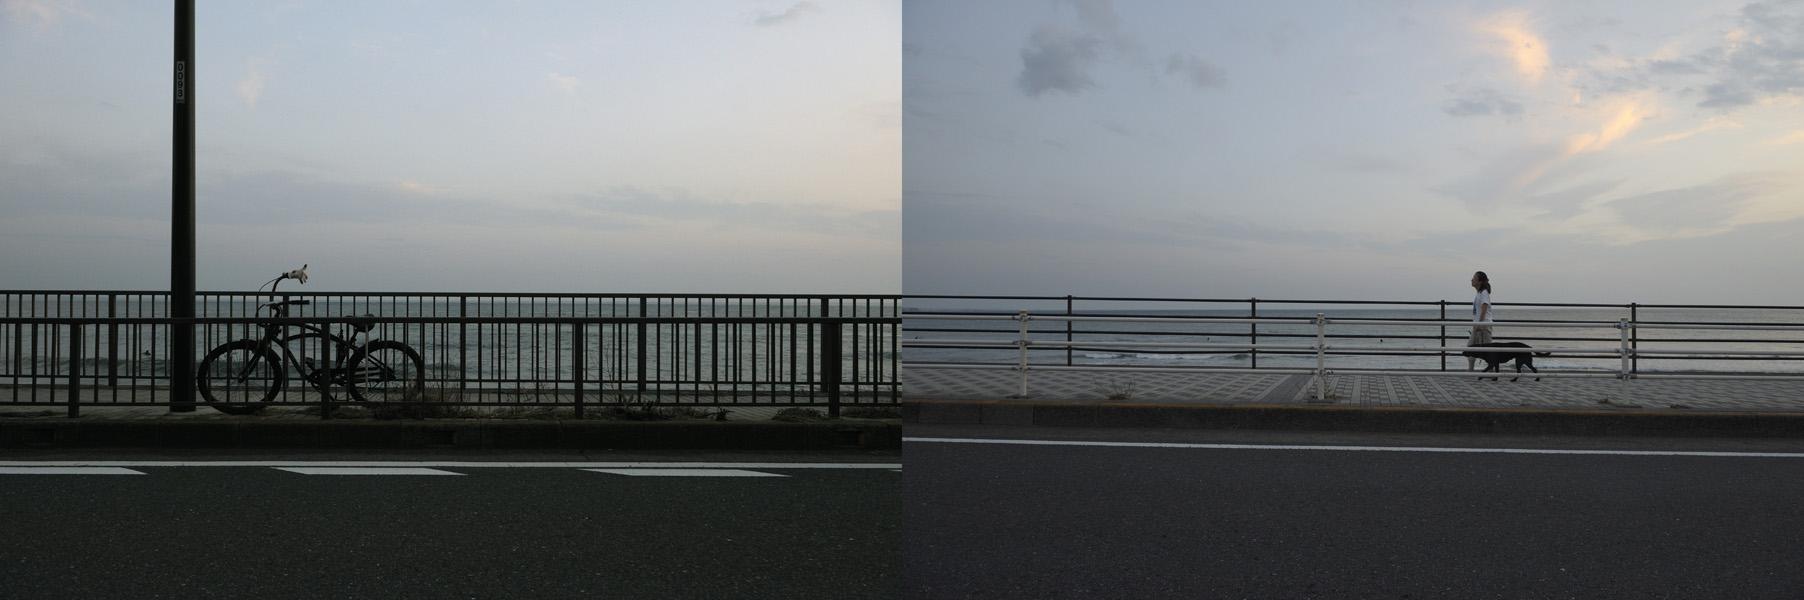 b0148016_1141054.jpg